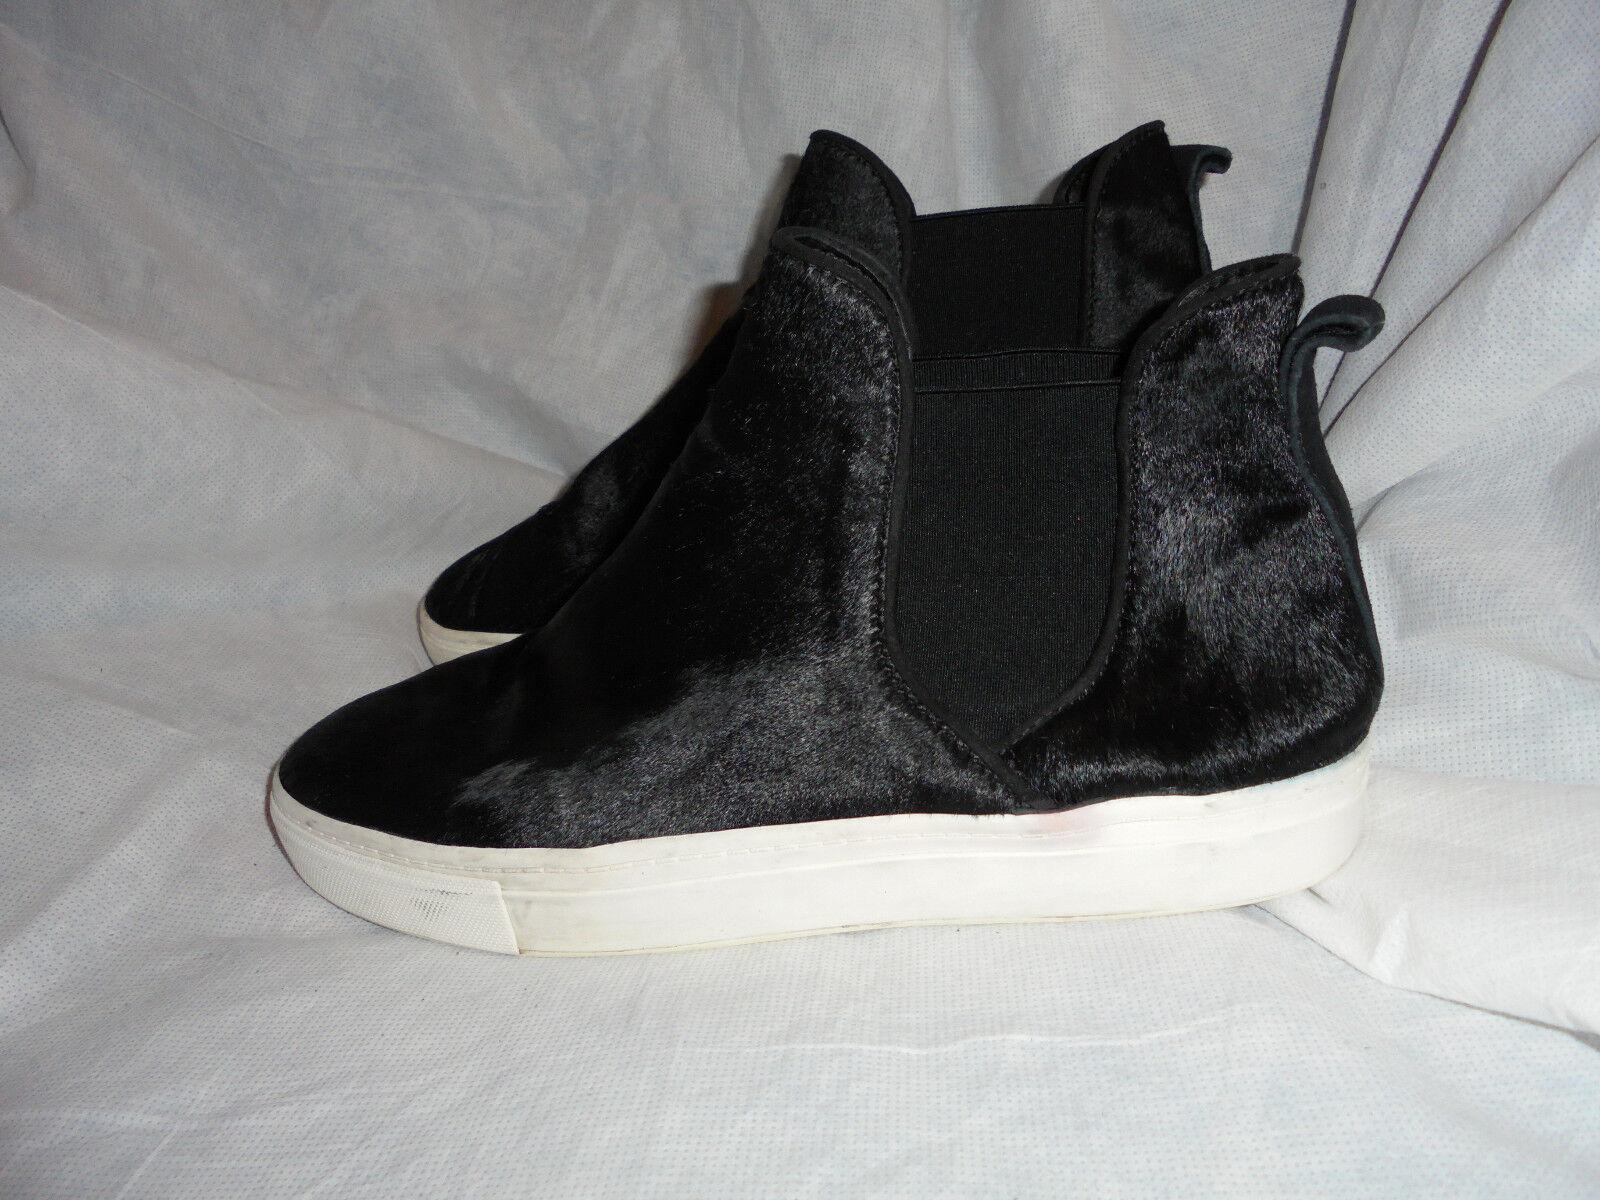 ZARA Capra Donna Nero Pelle di Capra ZARA Mocassini Sneaker Boot Boot Taglia EU 41 US 11 in buonissima condizione 5d1702